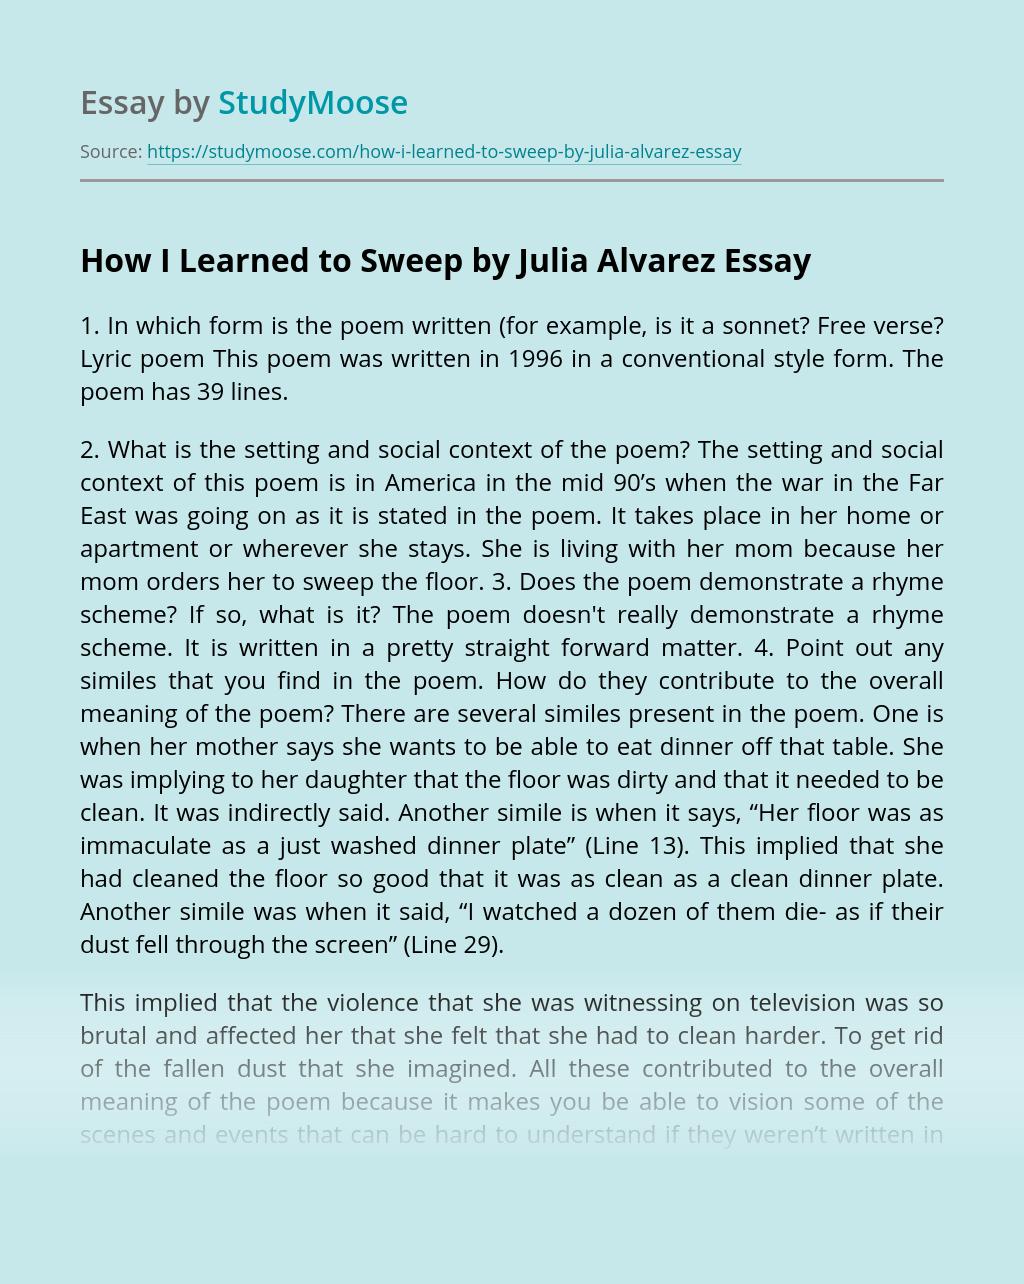 How I Learned to Sweep by Julia Alvarez